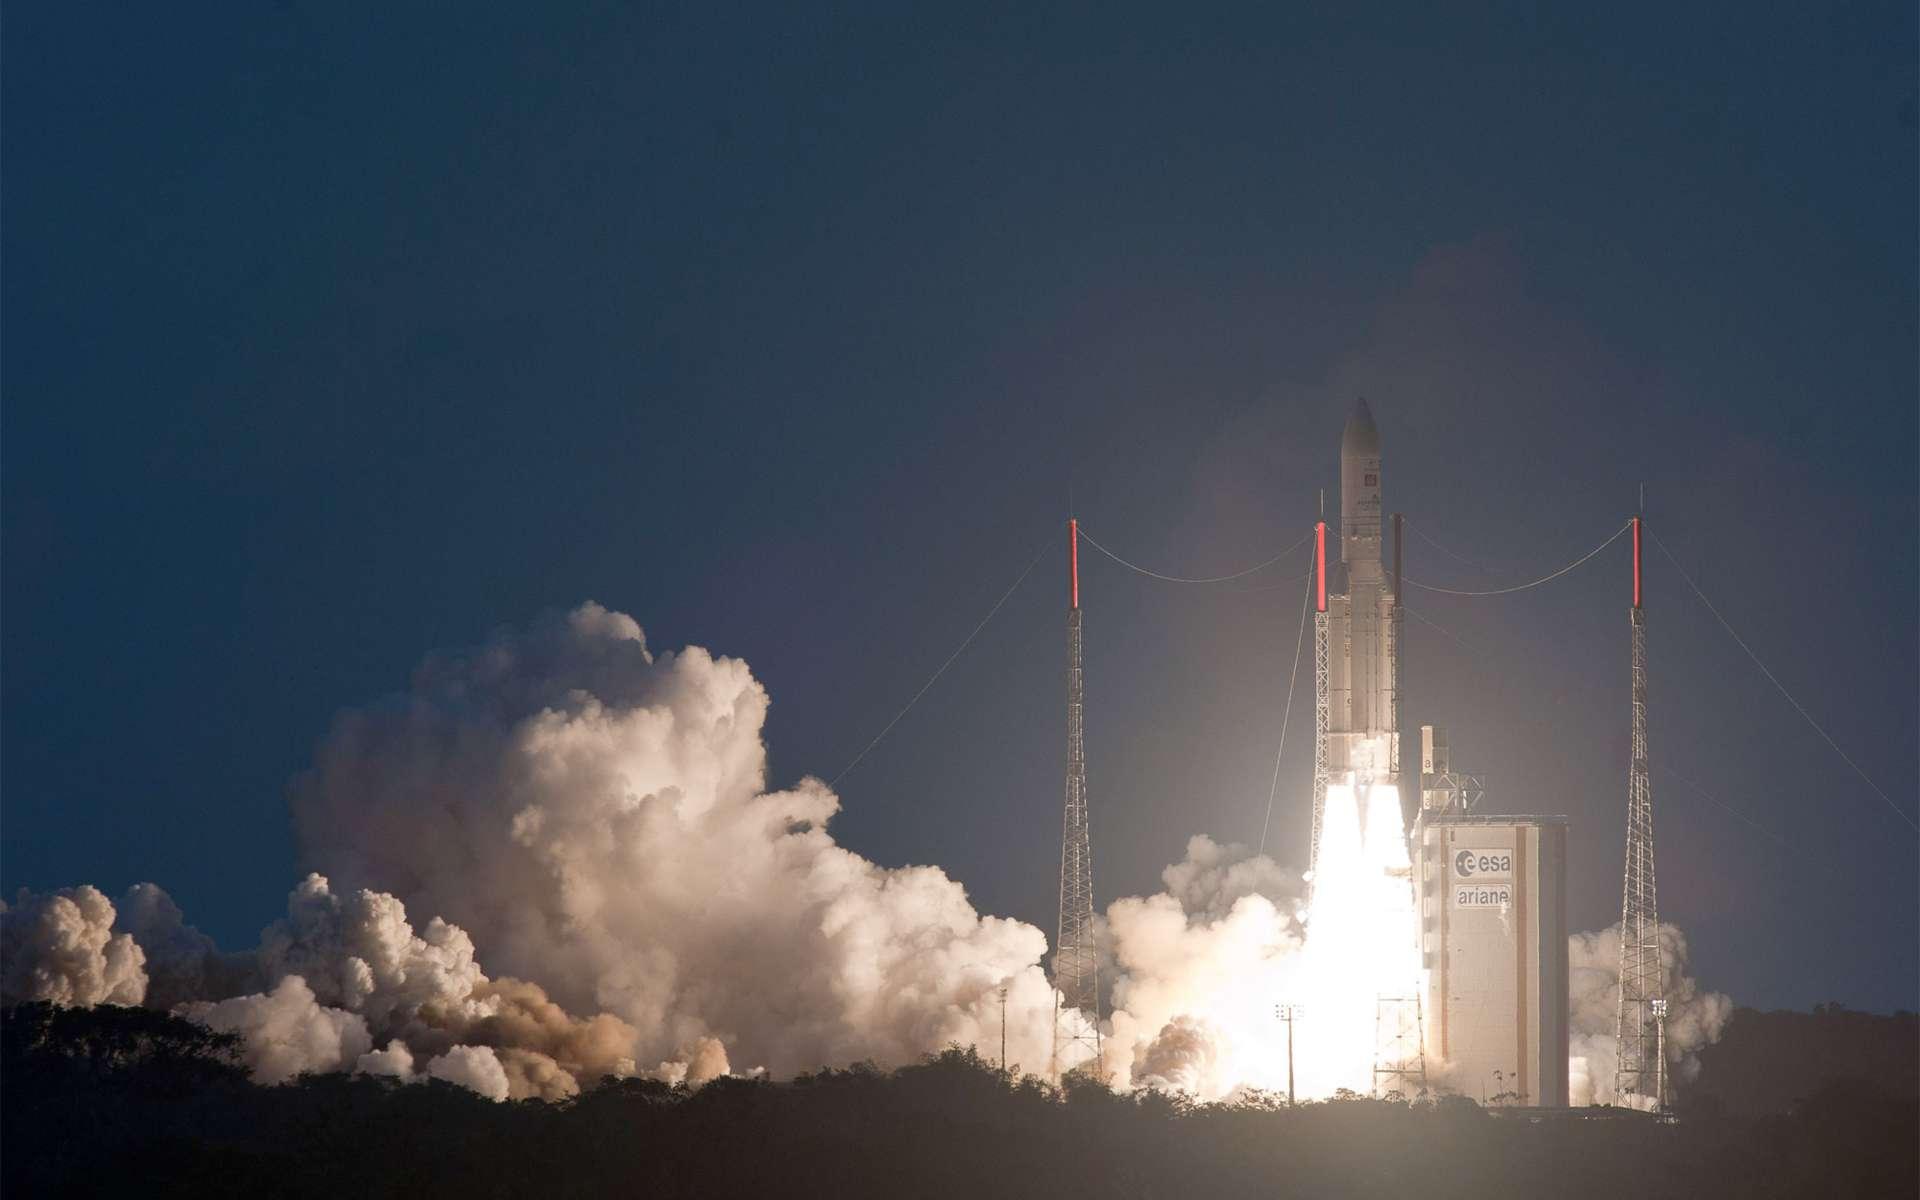 Un lanceur Ariane 5 au décollage depuis son pas de tir du Centre spatial guyanais. © 2012 Esa/Cnes/Arianespace & Photo Optique Vidéo CSG